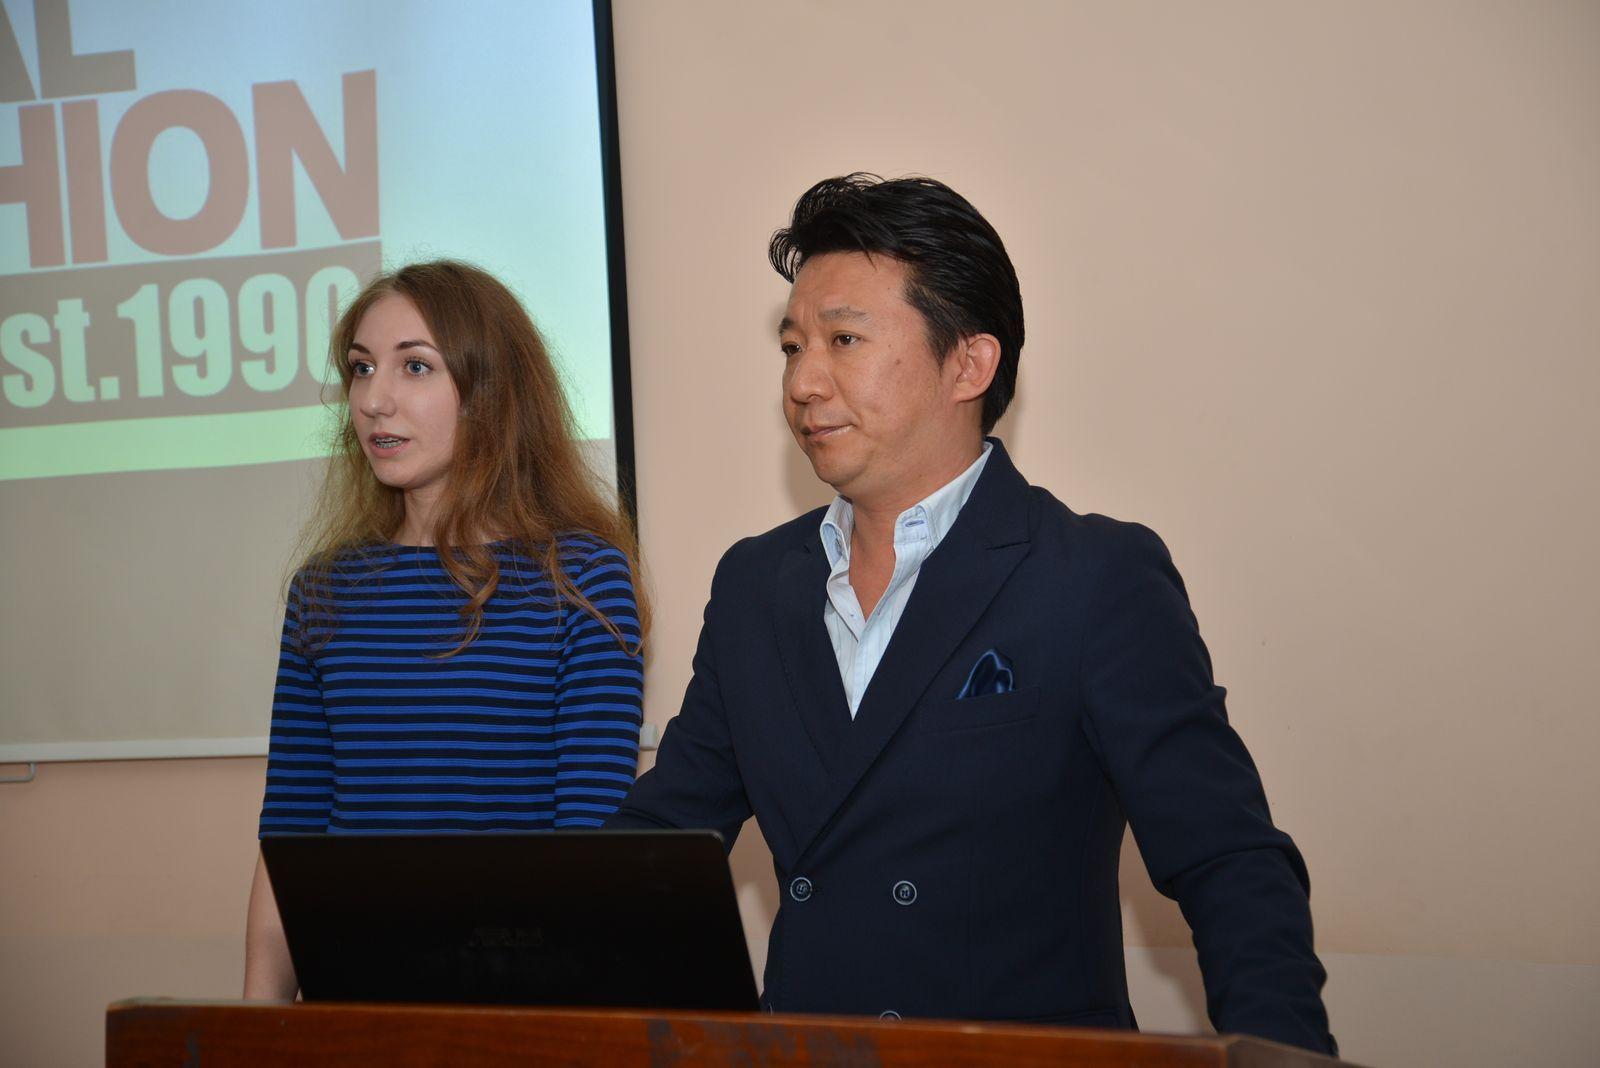 Проректор Института высокой моды г. Ниигата г-н Ичиро Цучида познакомил студентов ВГУЭС с современными модными тенденциями